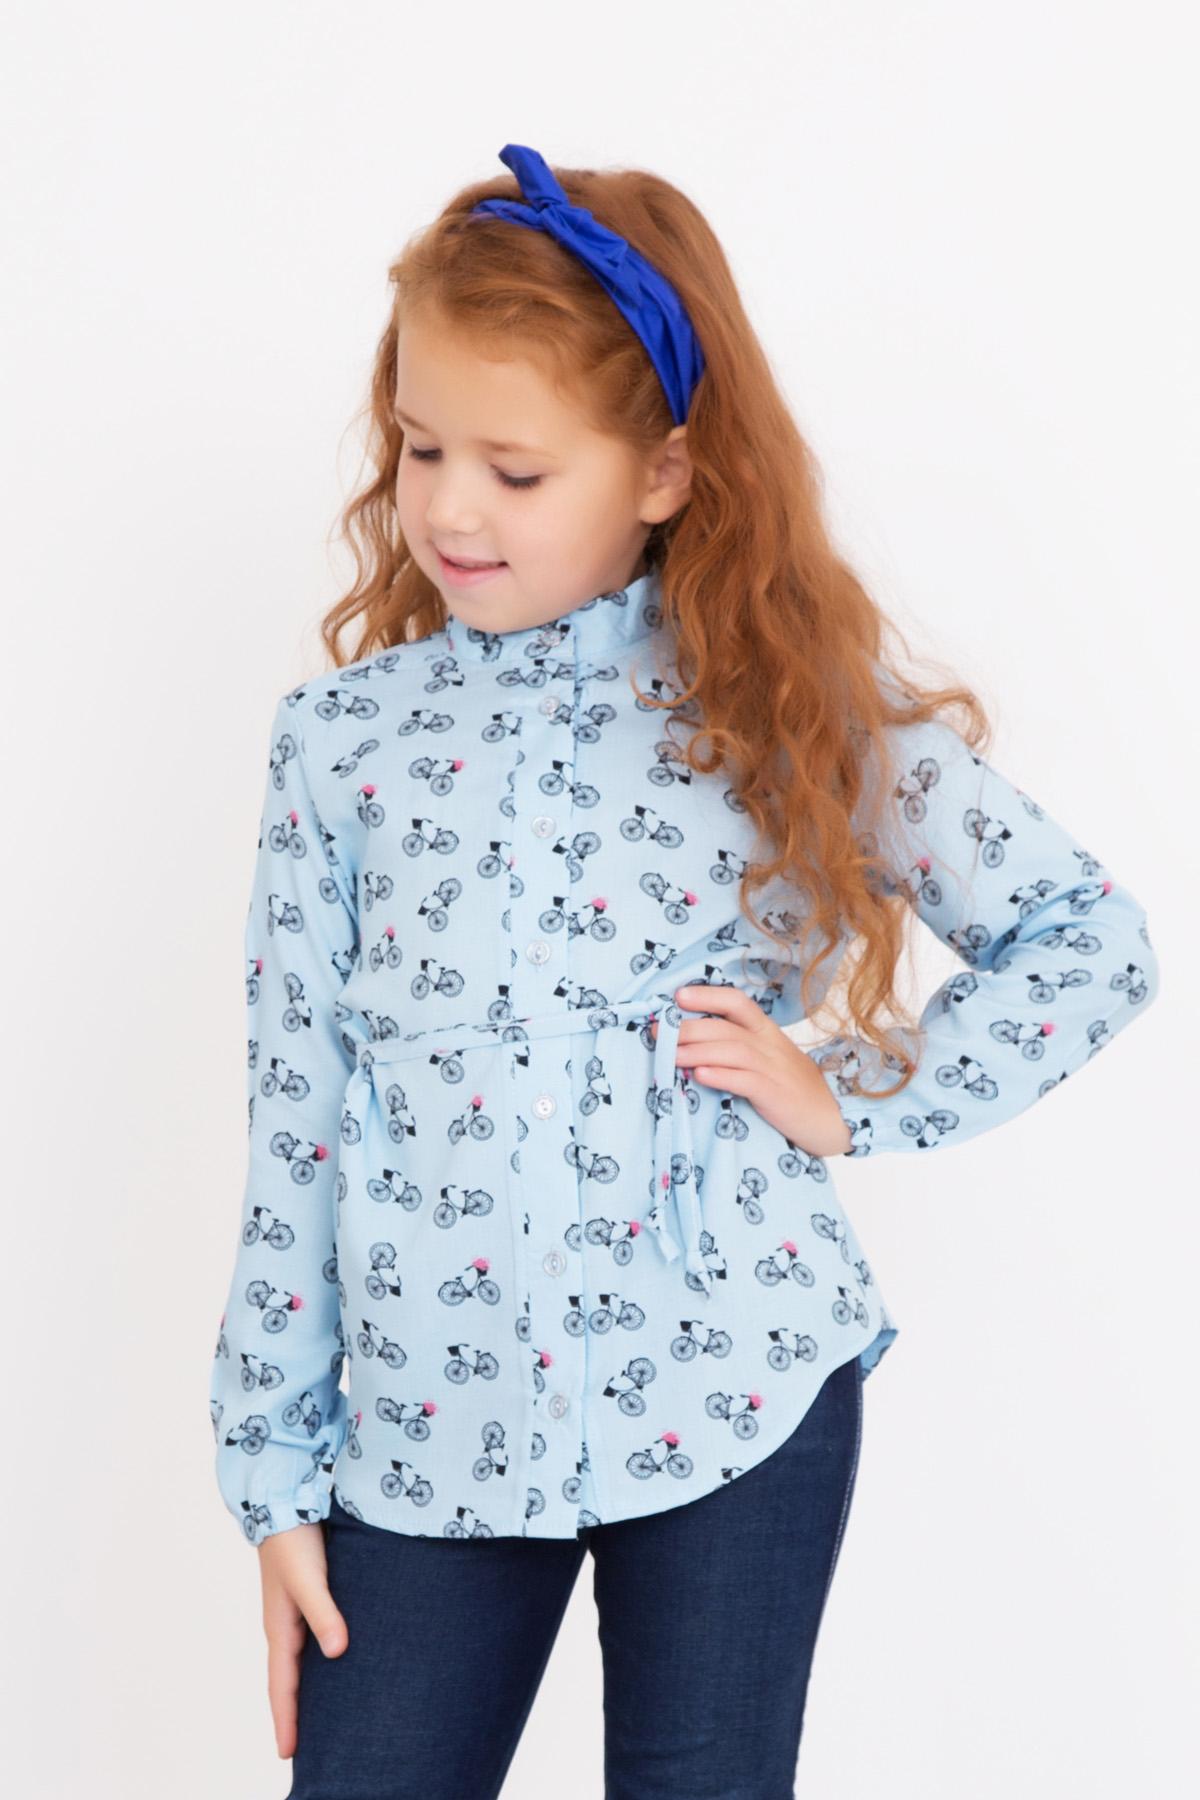 Дет. рубашка Василиса р. 36Распродажа товаров<br><br><br>Тип: Дет. рубашка<br>Размер: 36<br>Материал: Штапель